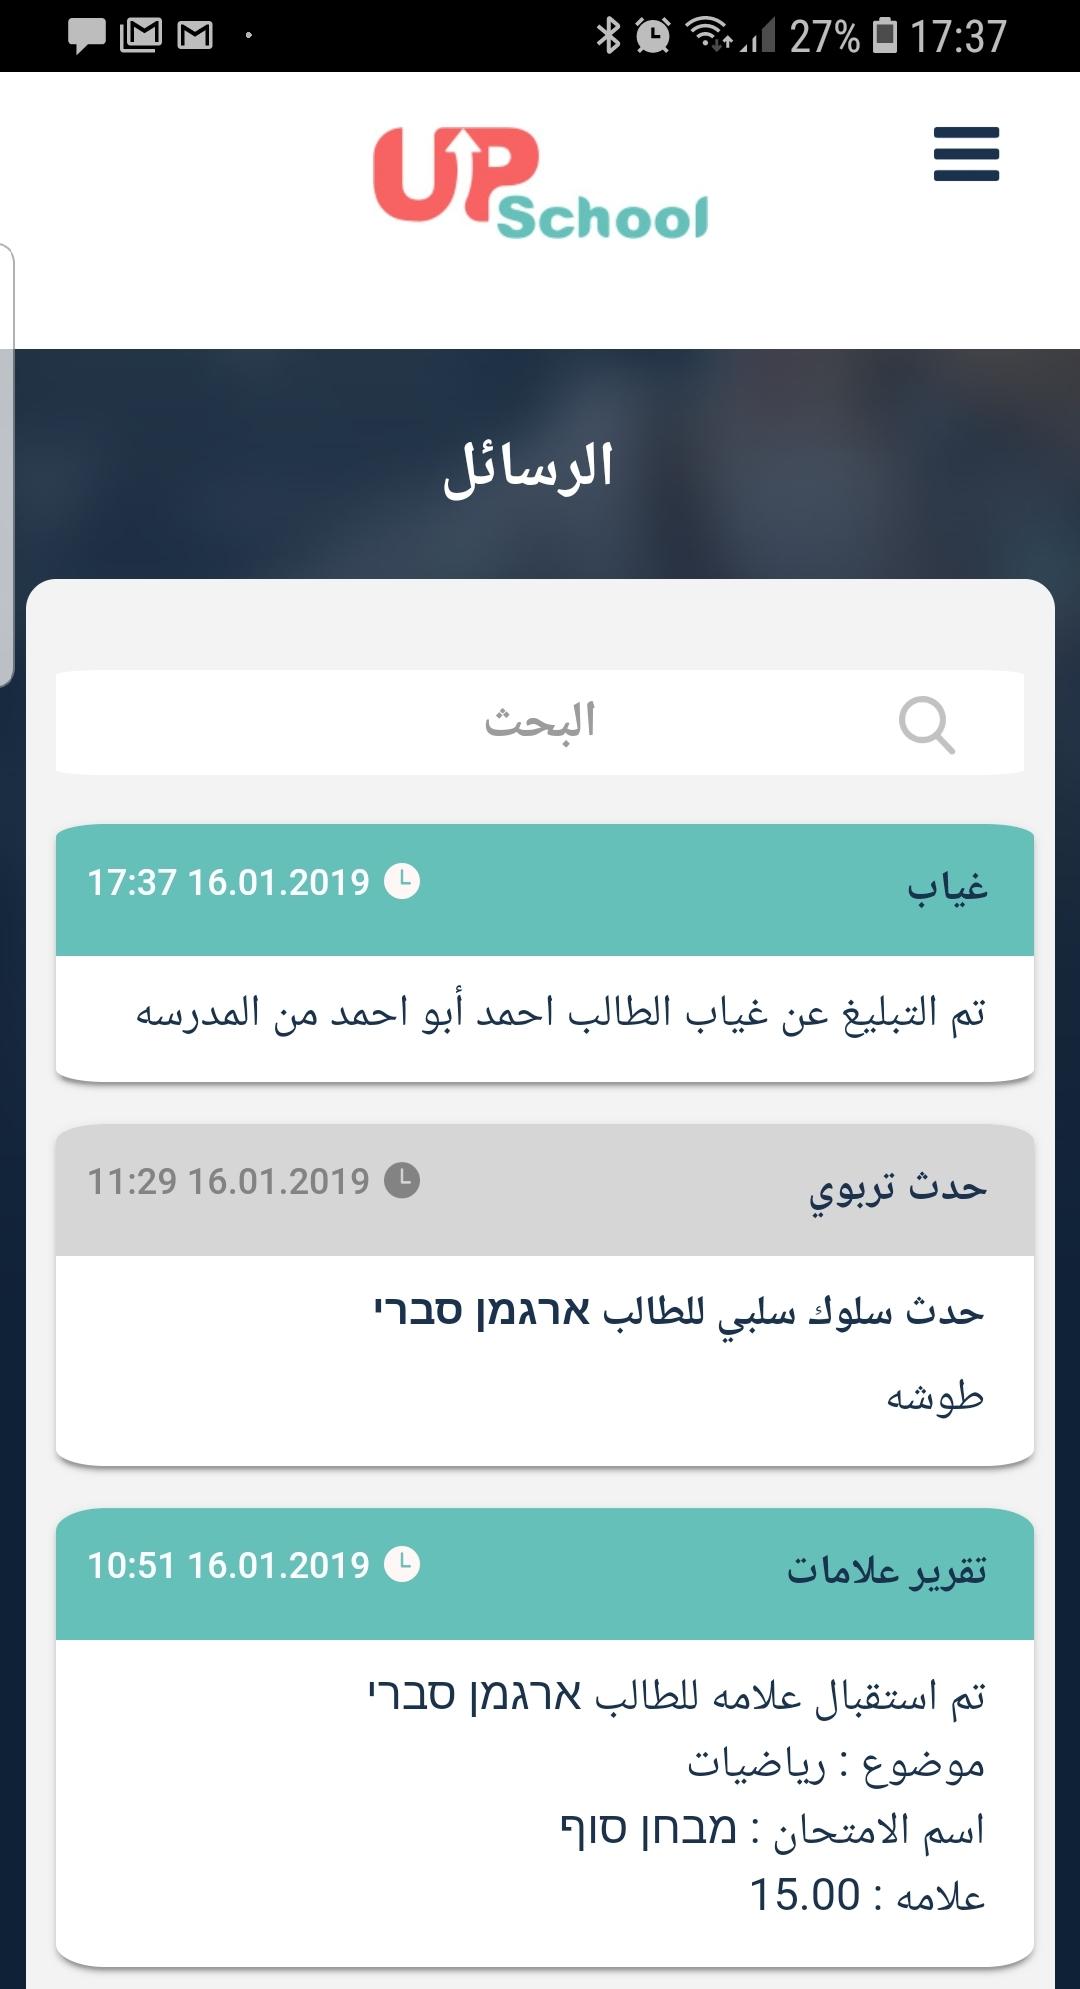 אפליקציית הורים מסך ראשי